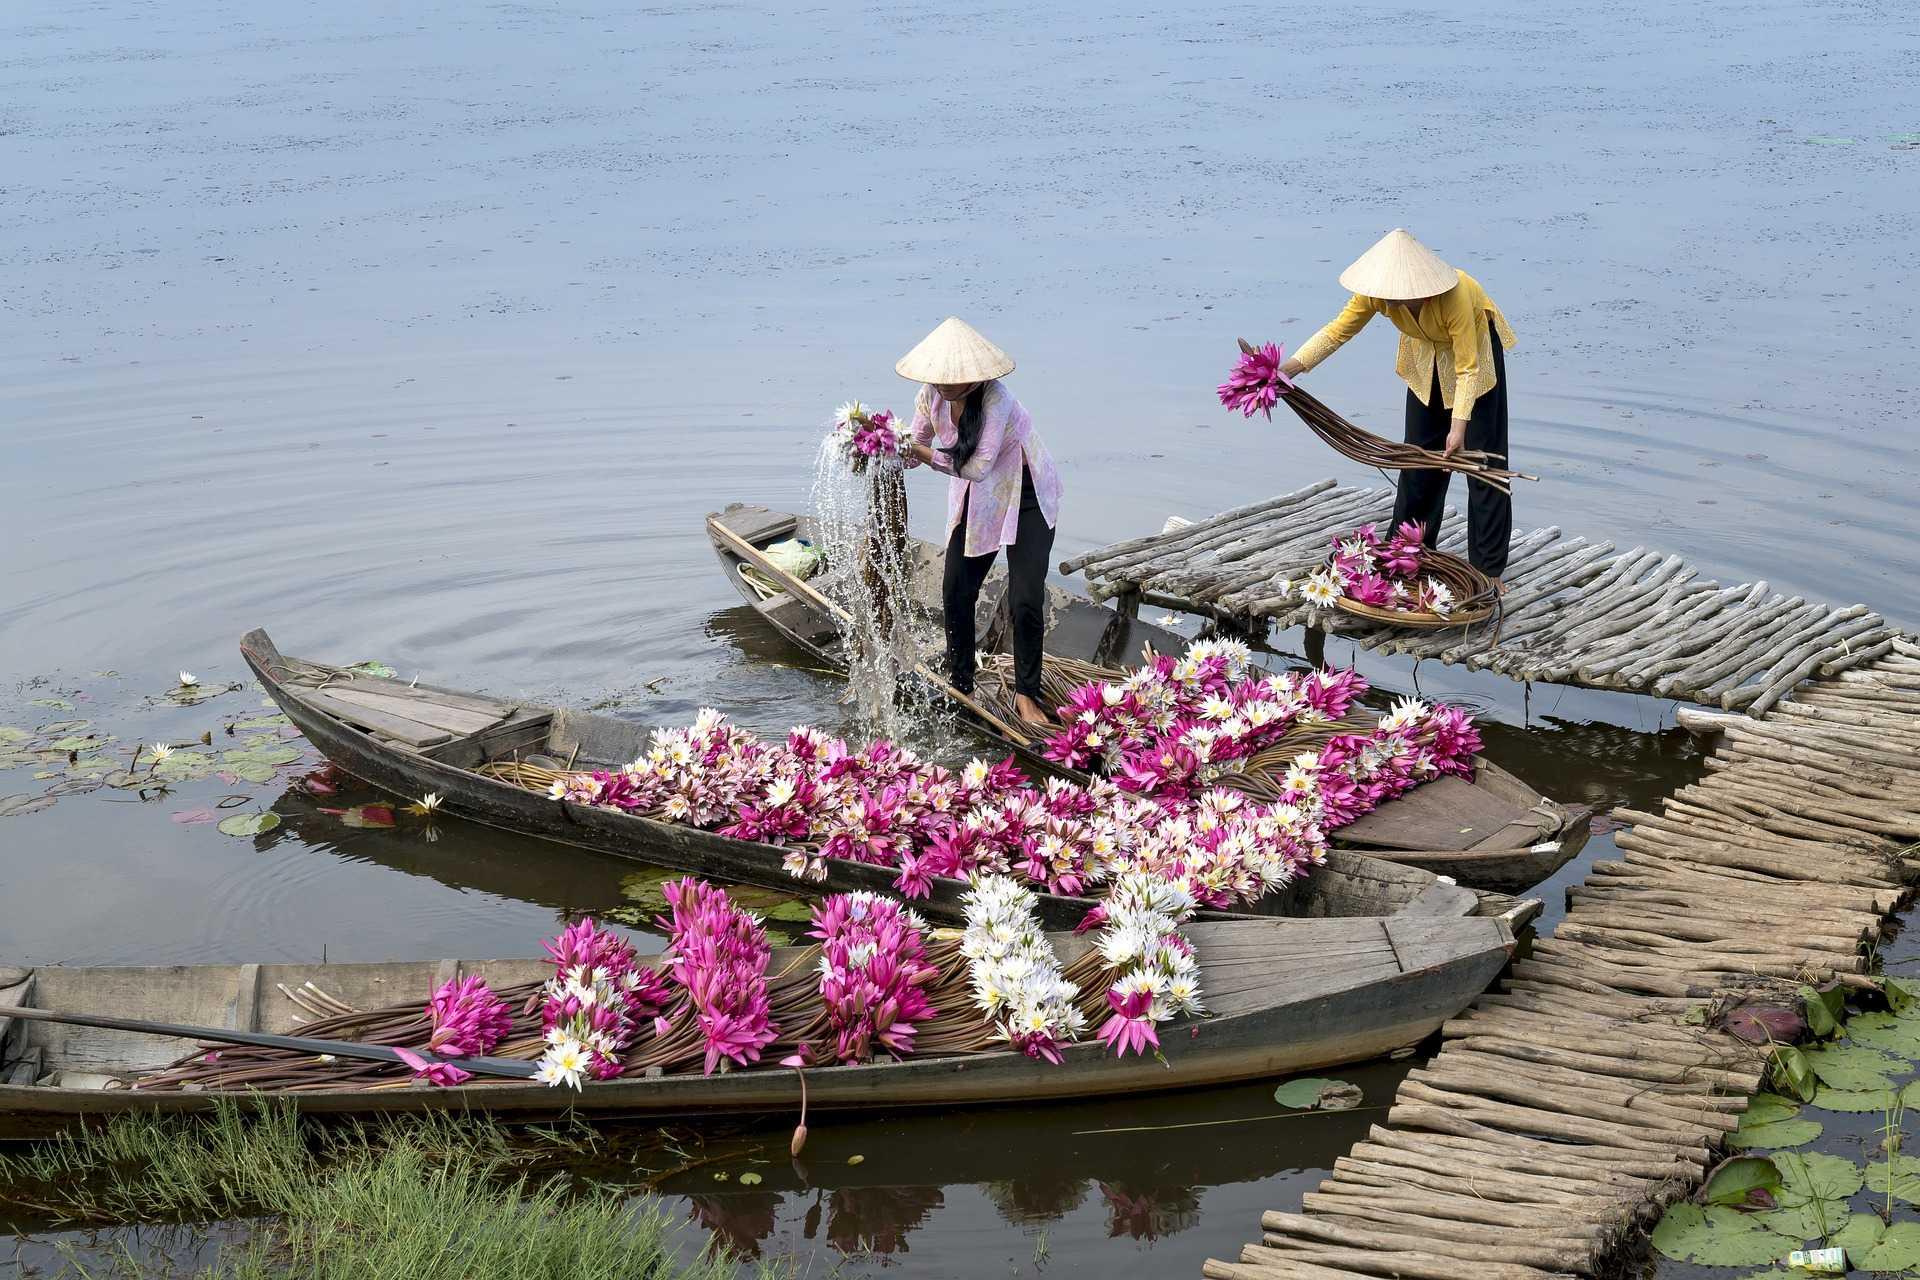 Marchand de fleurs sur un bateau